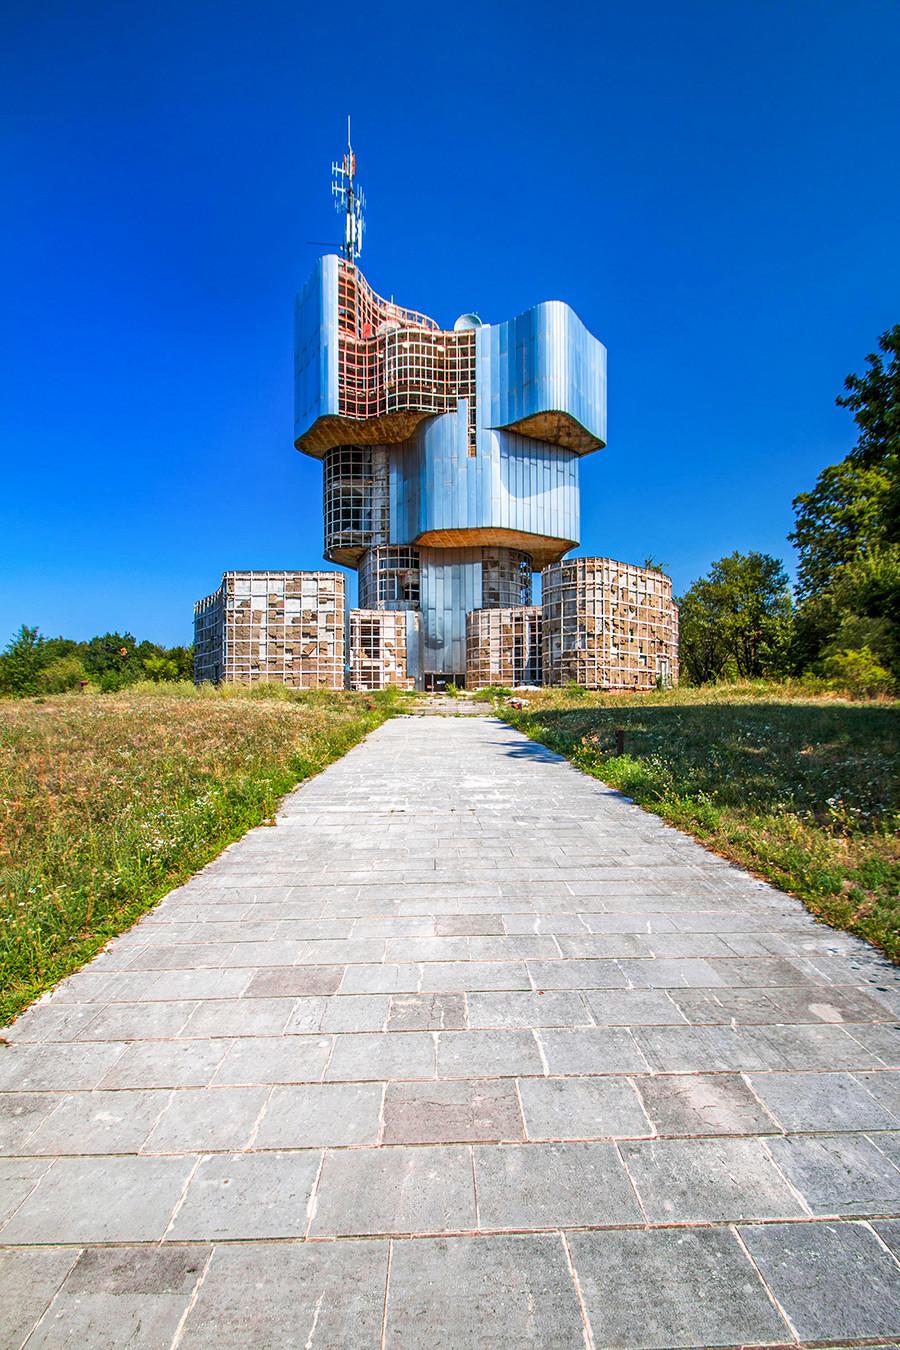 Monumen pemberontakan rakyat Kordun dan Banija di Petrova Gora, Kroasia. Dirancang oleh Vojin Bakic.